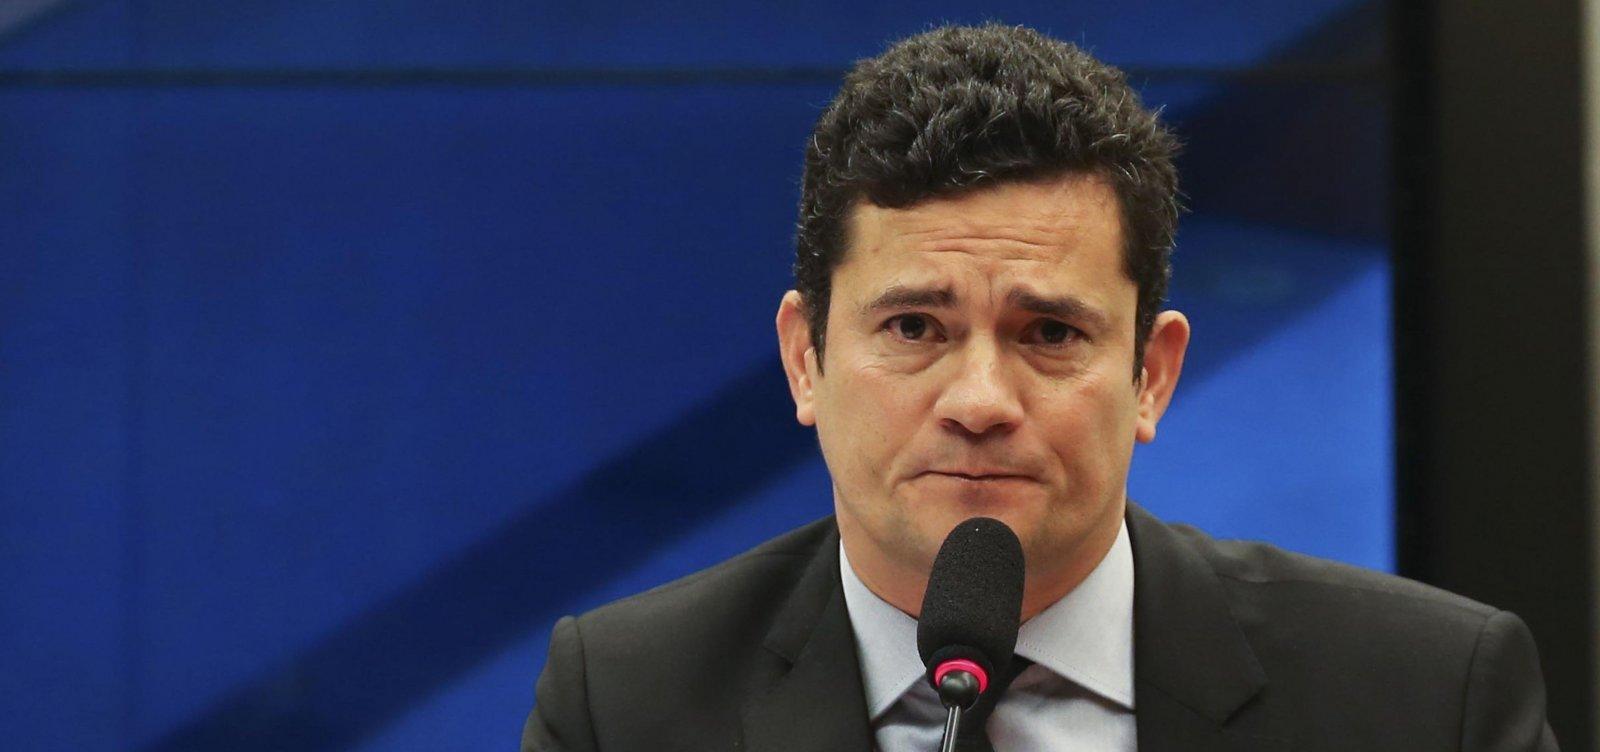 [Moro diz que desembargador é 'incompetente' e não cumprirá ordem de soltar Lula]